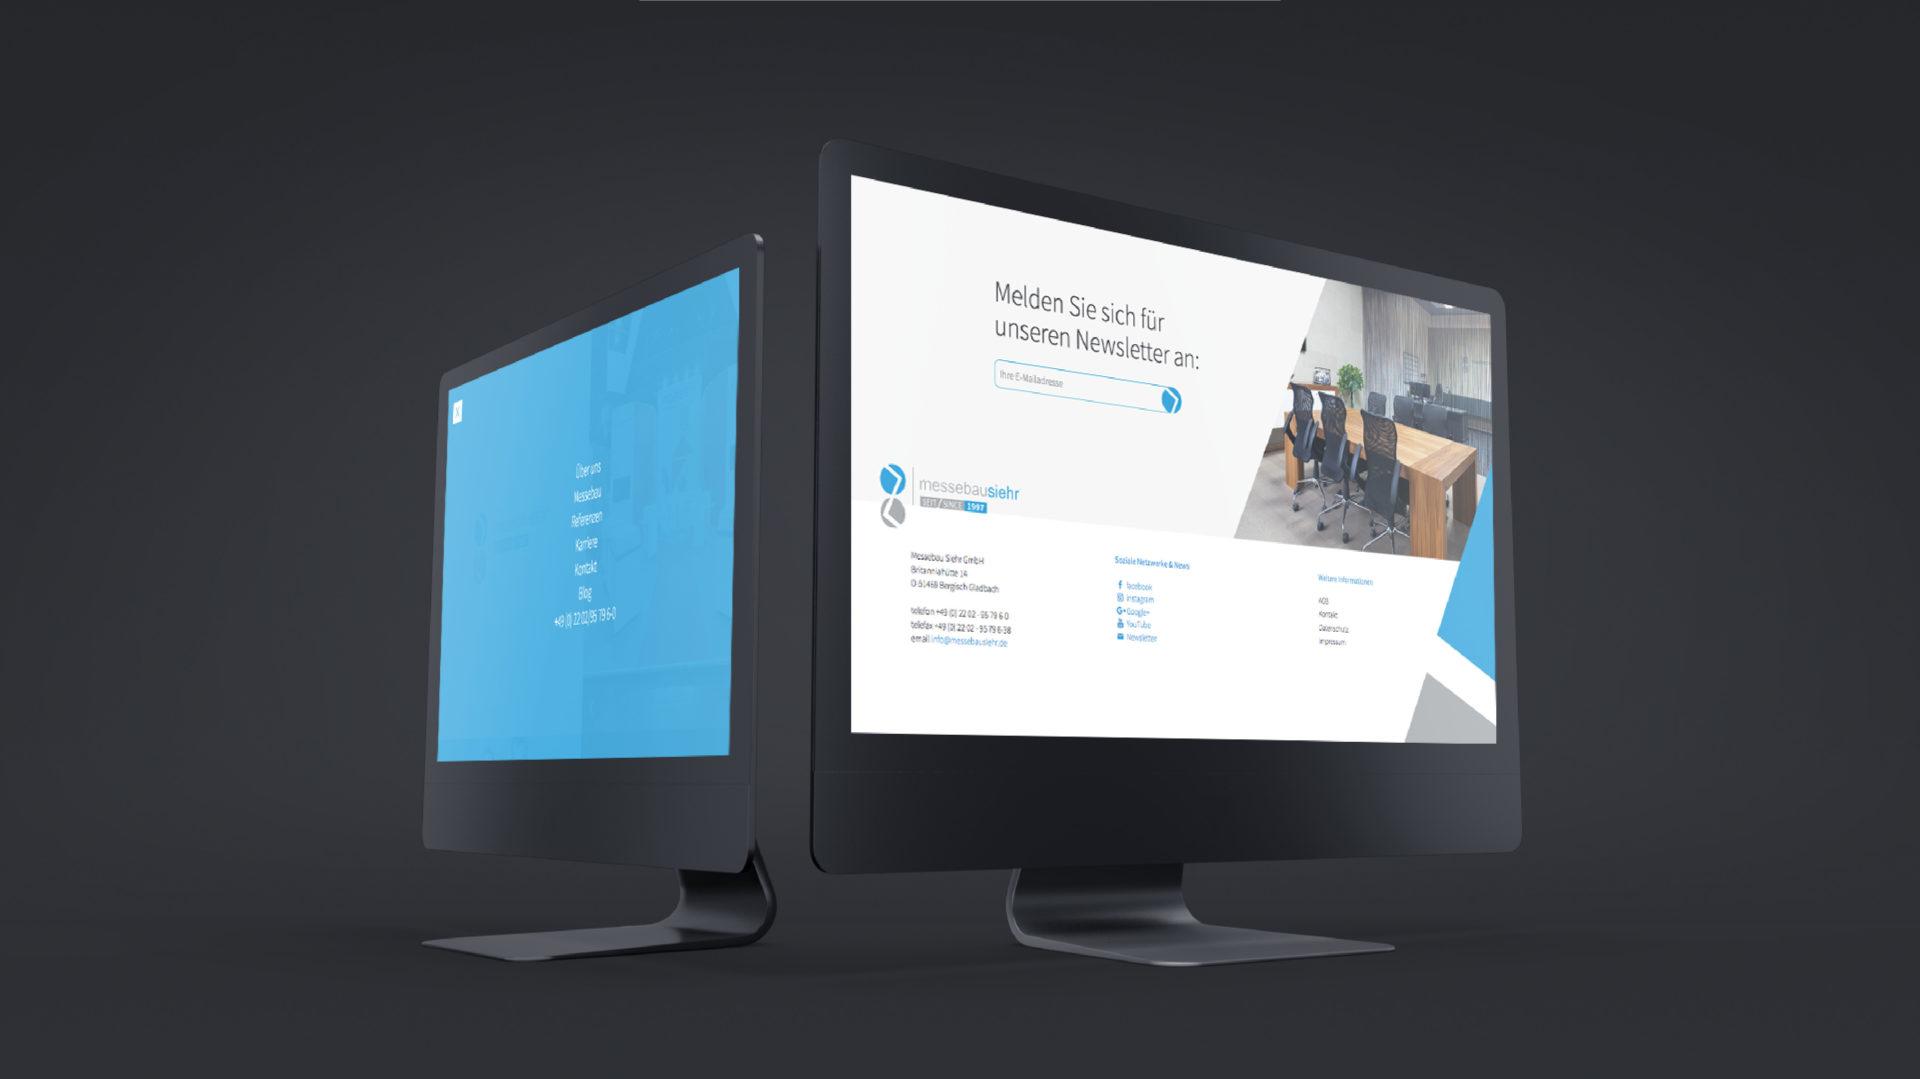 Messebau Siehr Referenz 2 Webdesign